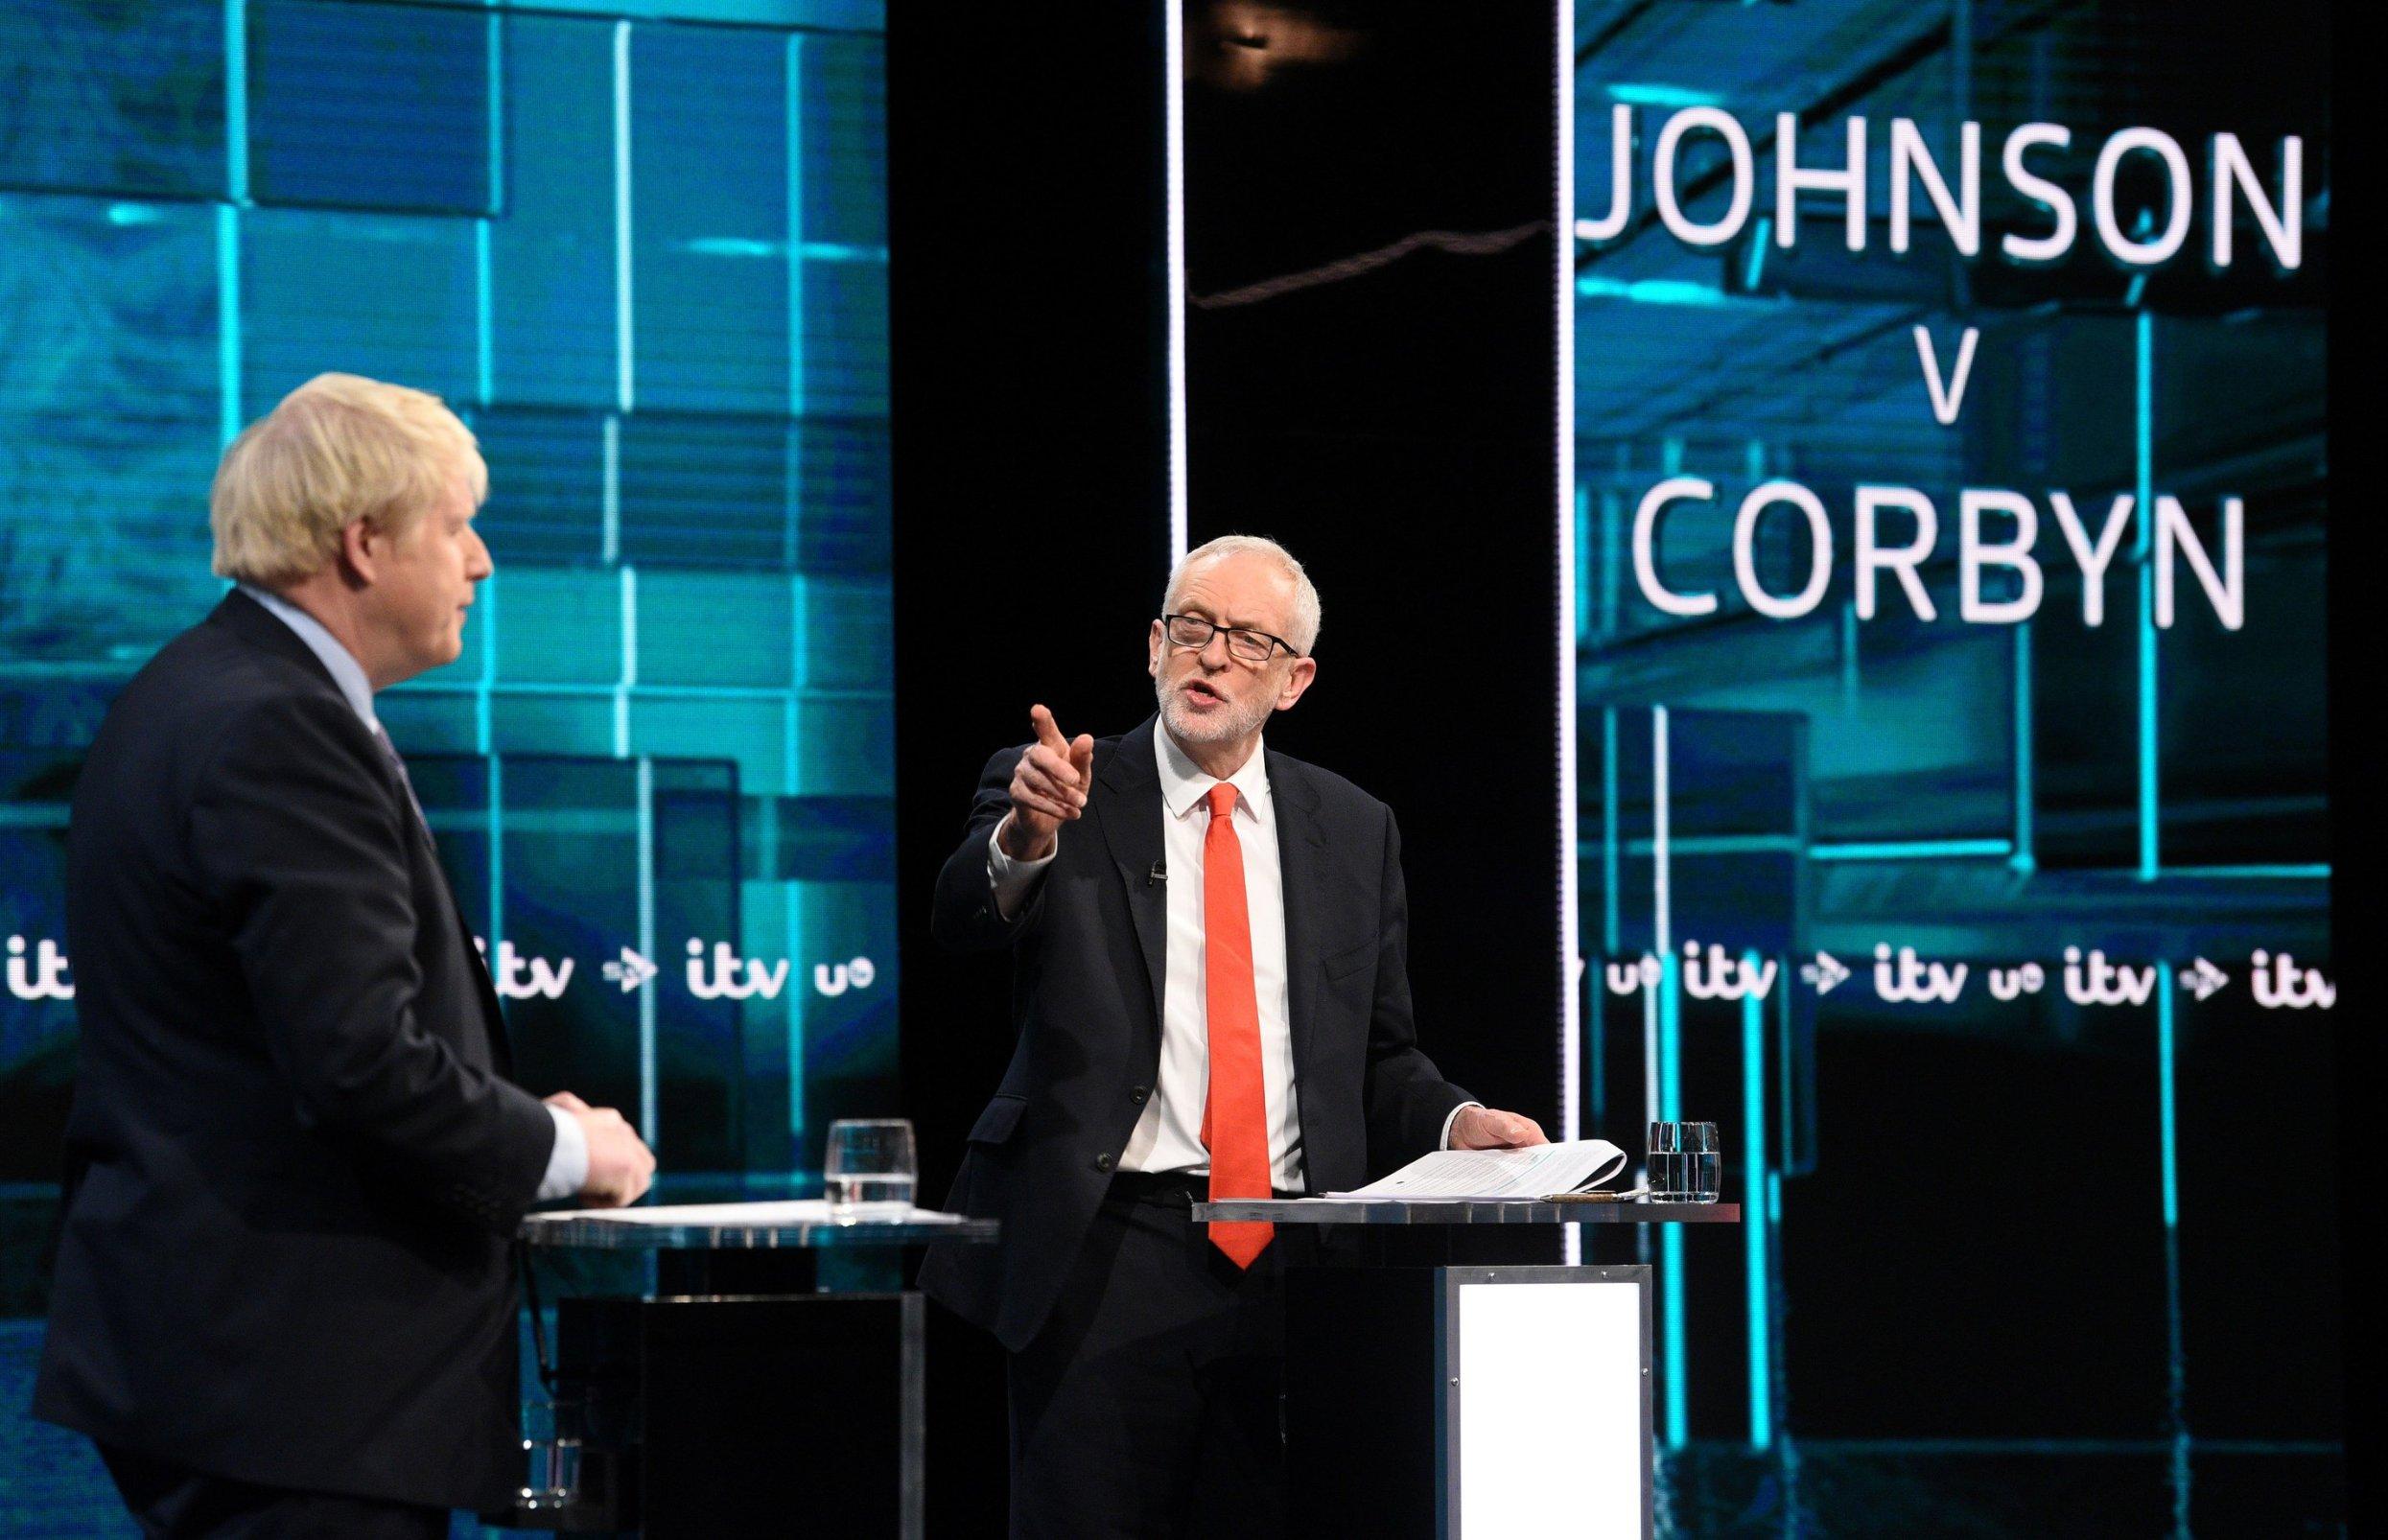 Lider konzervativaca Boris Johnson i lider laburista Jeremy Corbyn tijekom televizijske debate uoči izbora u Londonu, 19. Studeni, 2019.